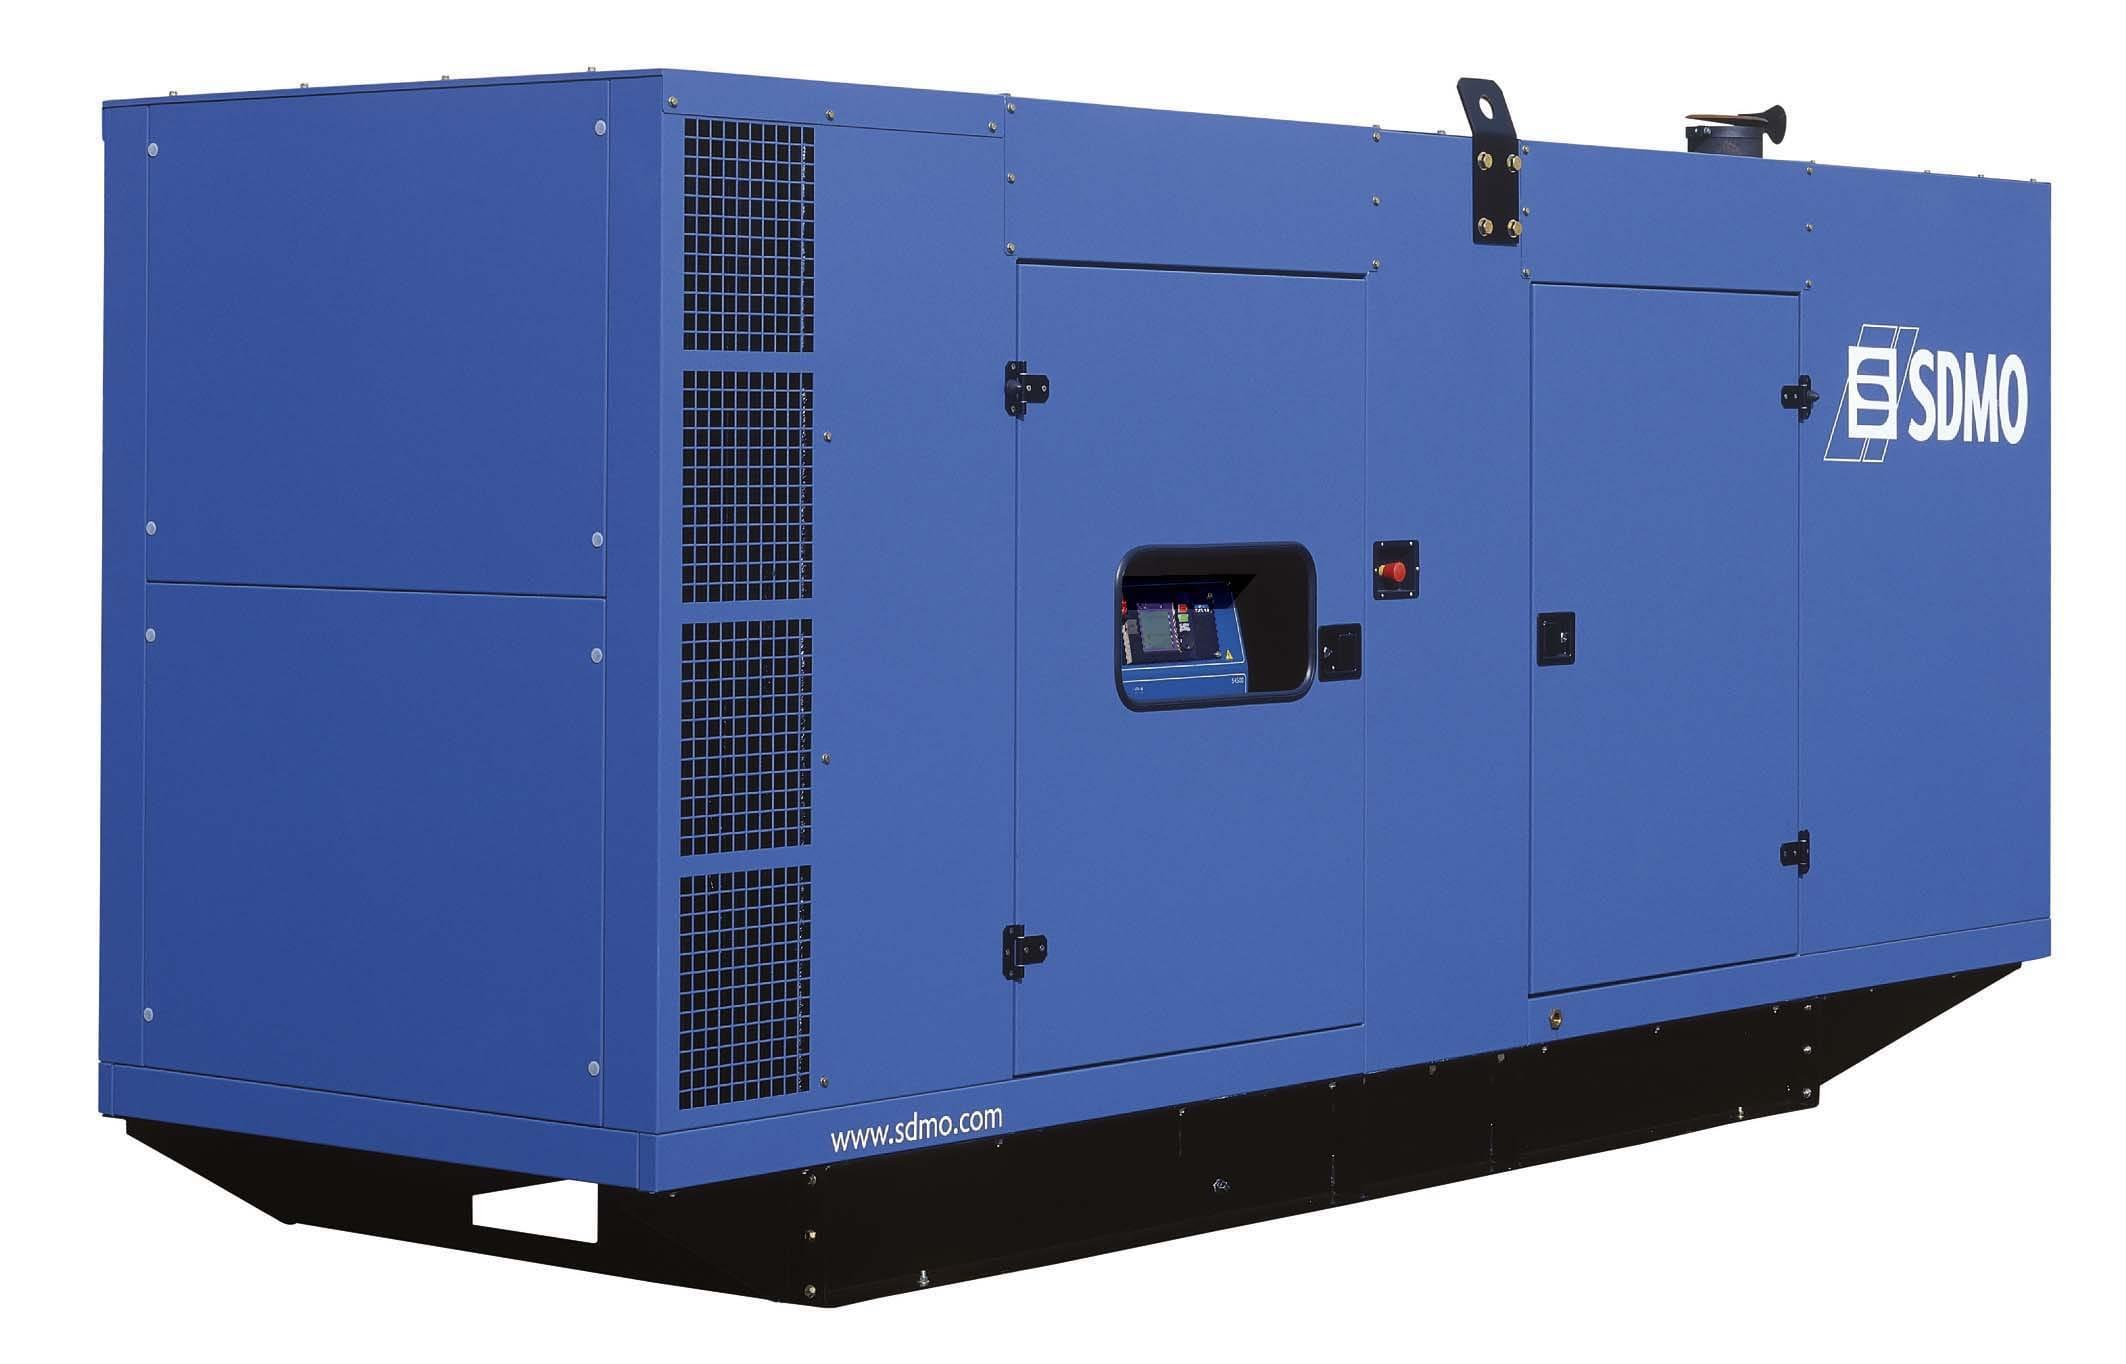 схема дизель генератора азимут